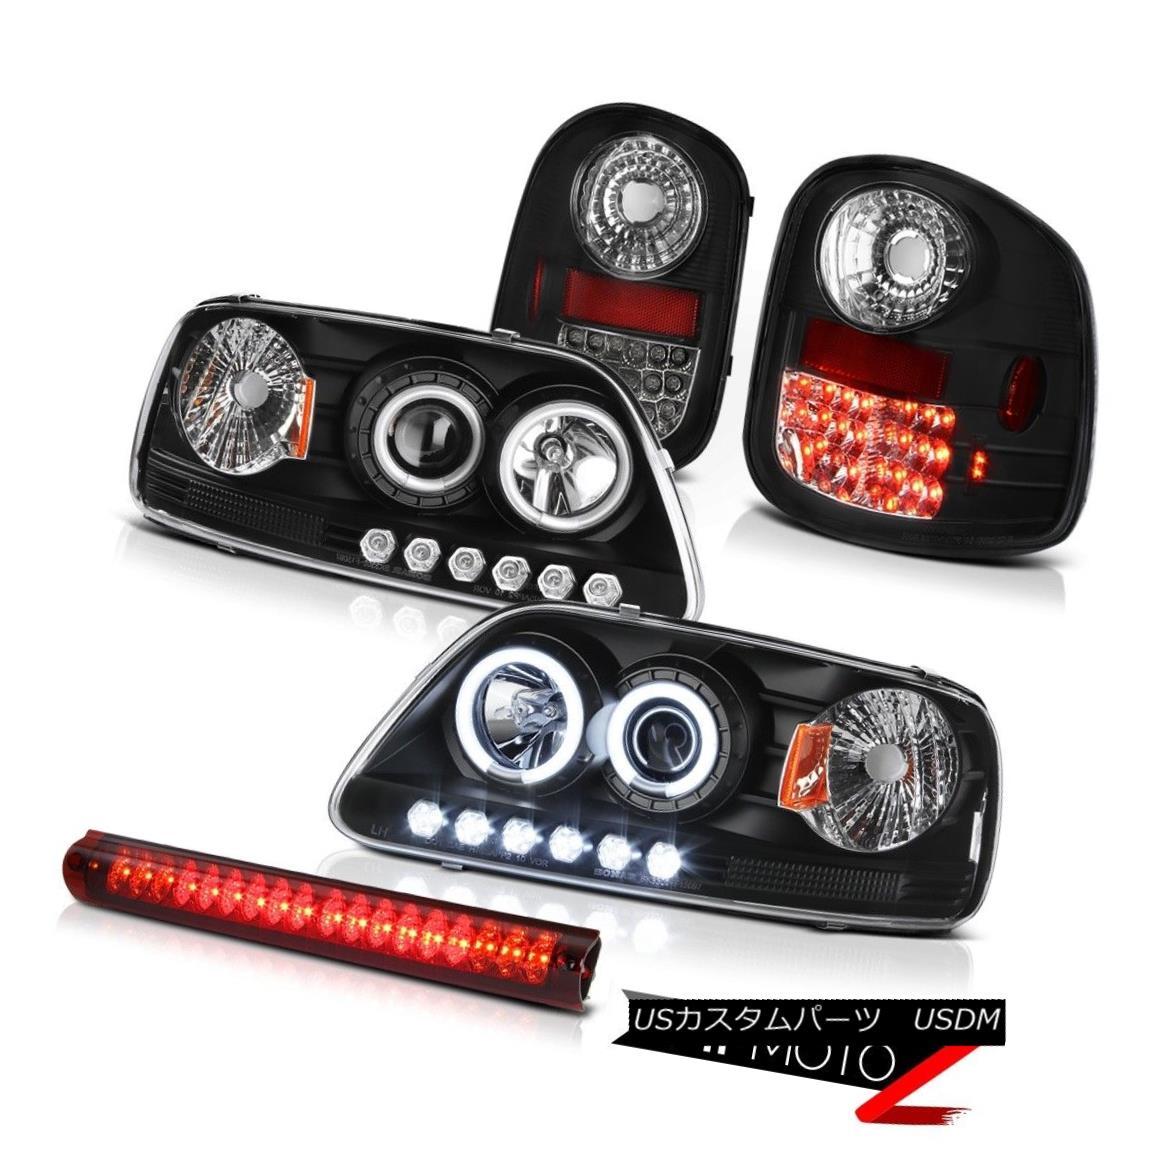 テールライト CCFL Angel Eye Headlights LED Taillights High Stop Red 97-03 Ford F150 Flareside CCFLエンジェルアイヘッドライトLEDテールライトハイストップレッド97-03 Ford F150 Flareside